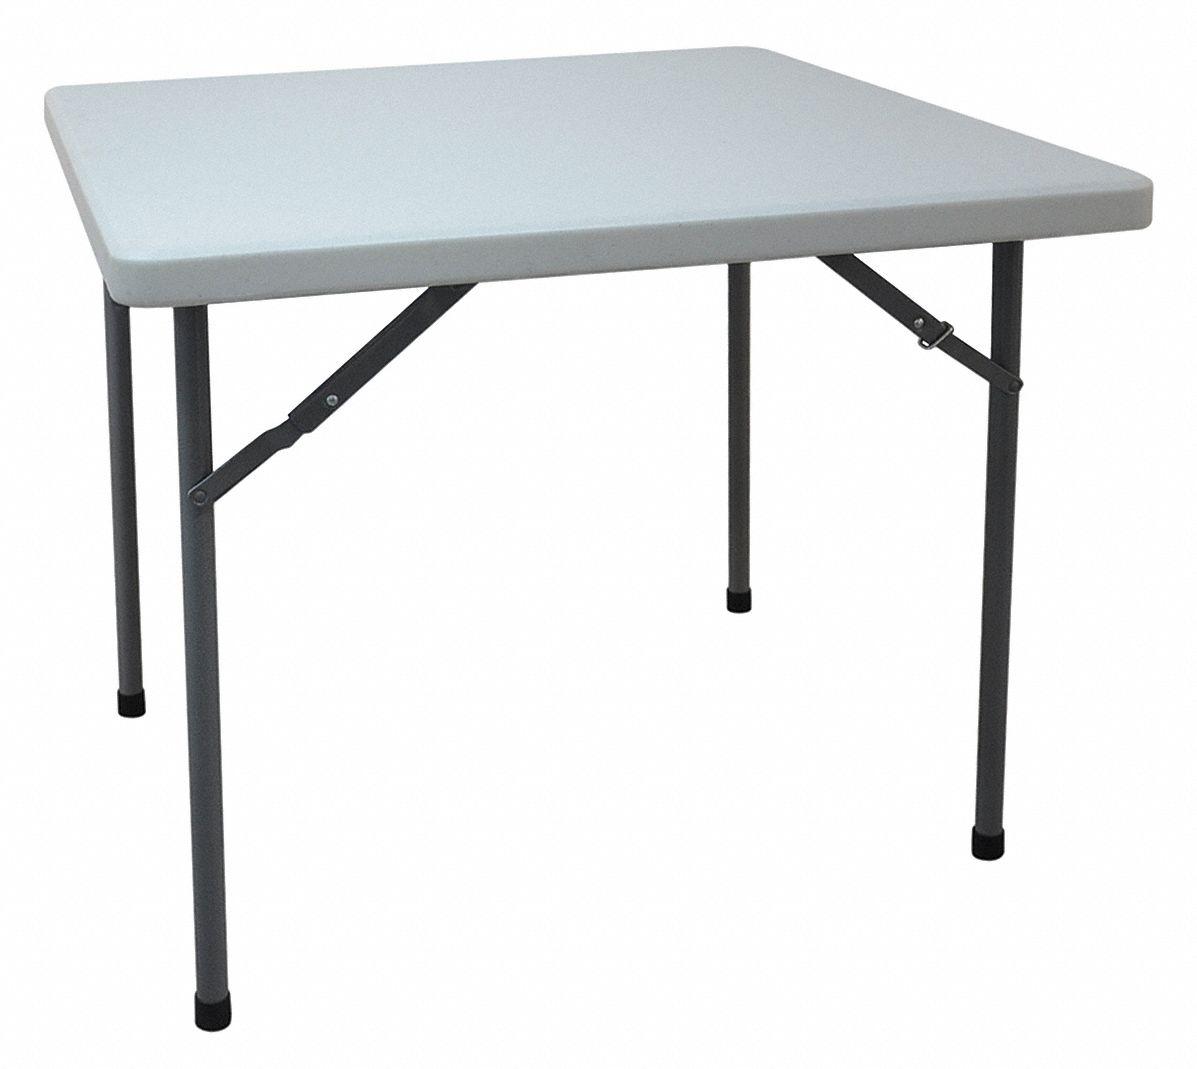 Grainger Approved Square Folding Table 29 In Height X 36 In Width White 13v430 13v430 Grainger